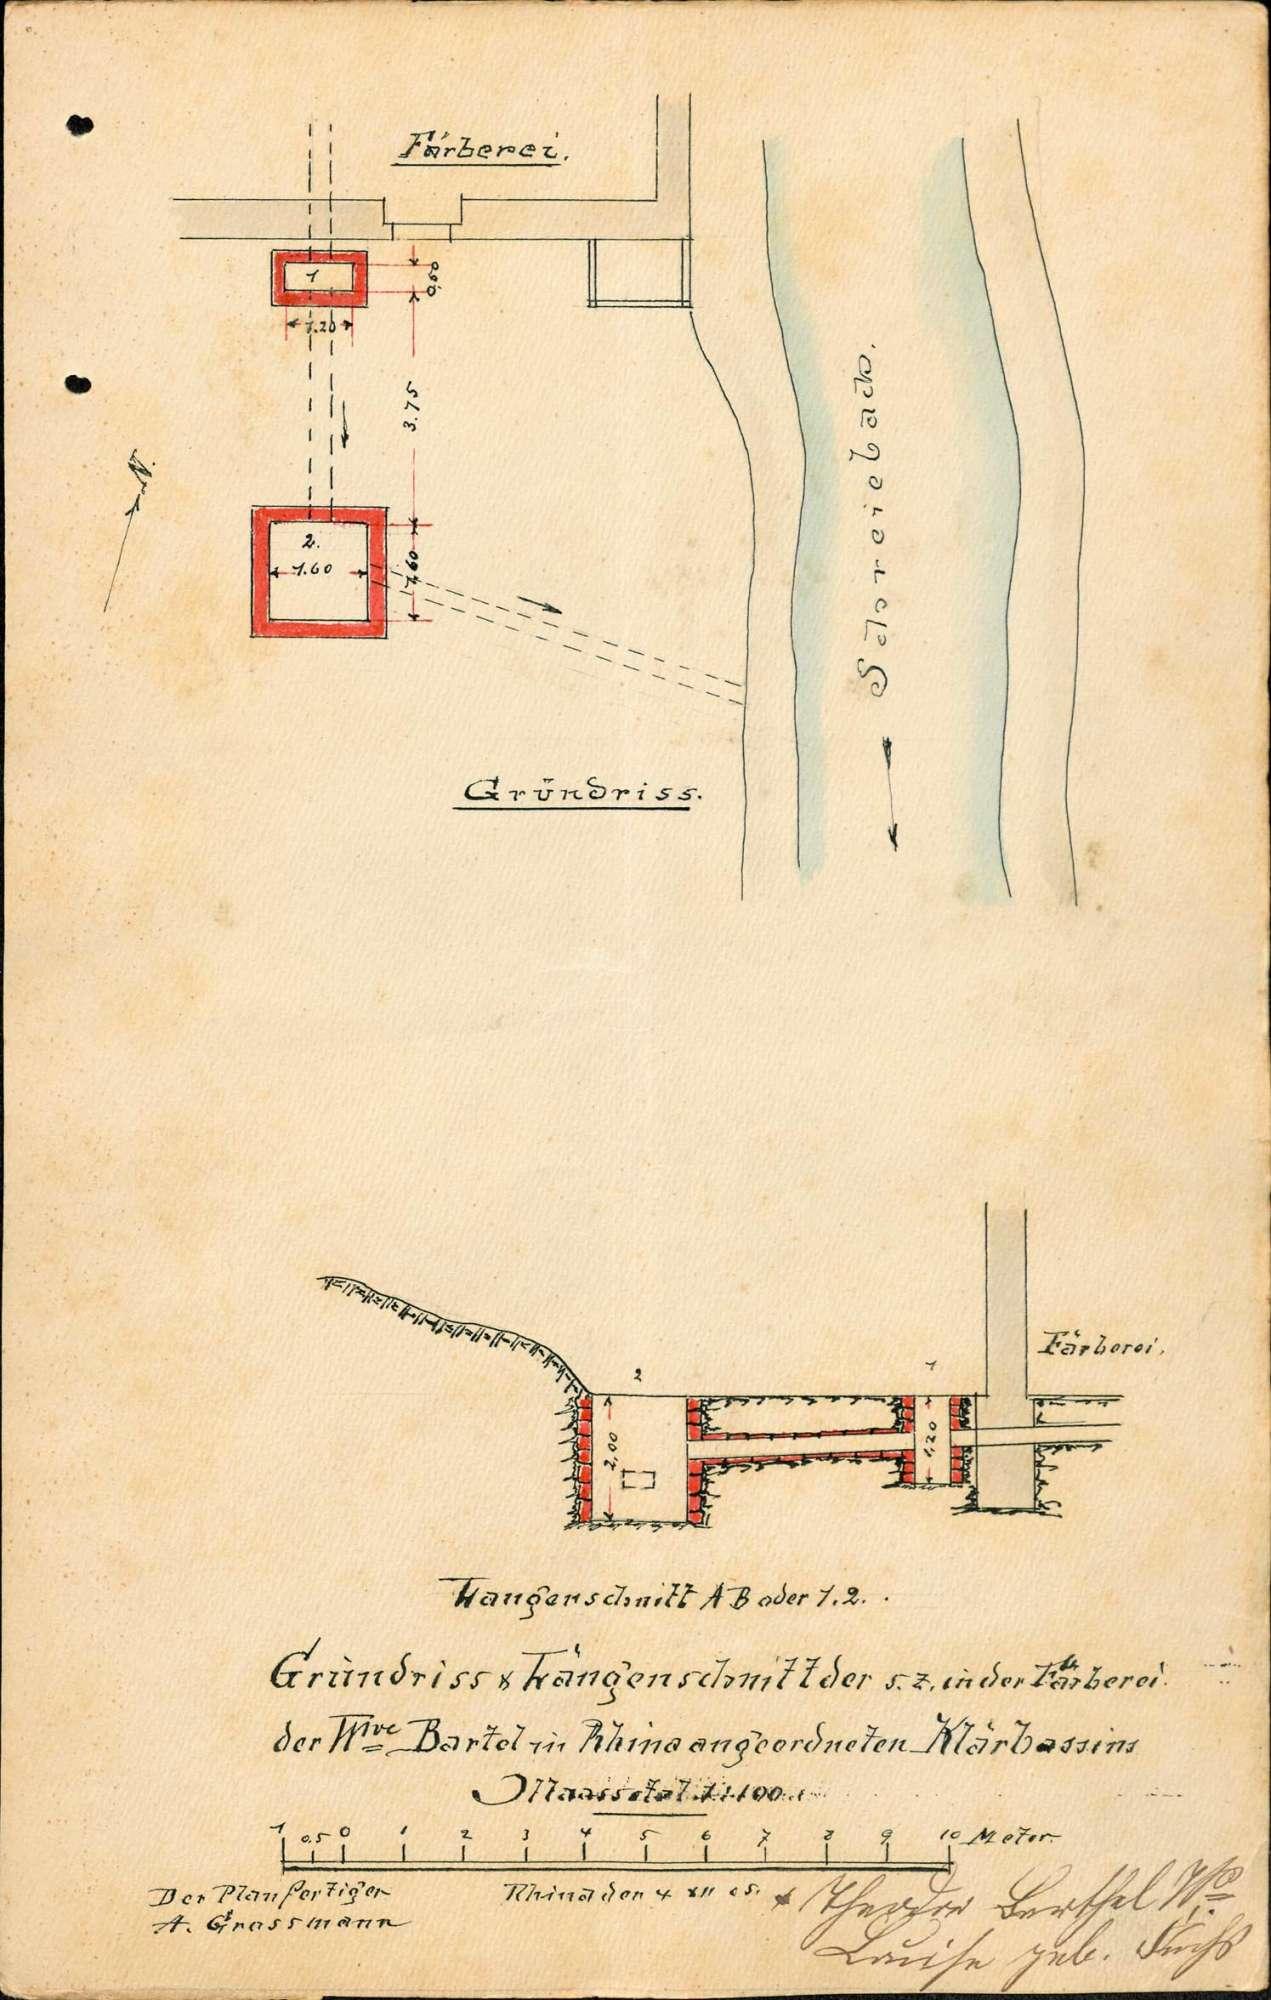 Ableitung von Färbereiabwässern der Firma Theodor Barthel in den Schreiebach in Rhina, Bild 2